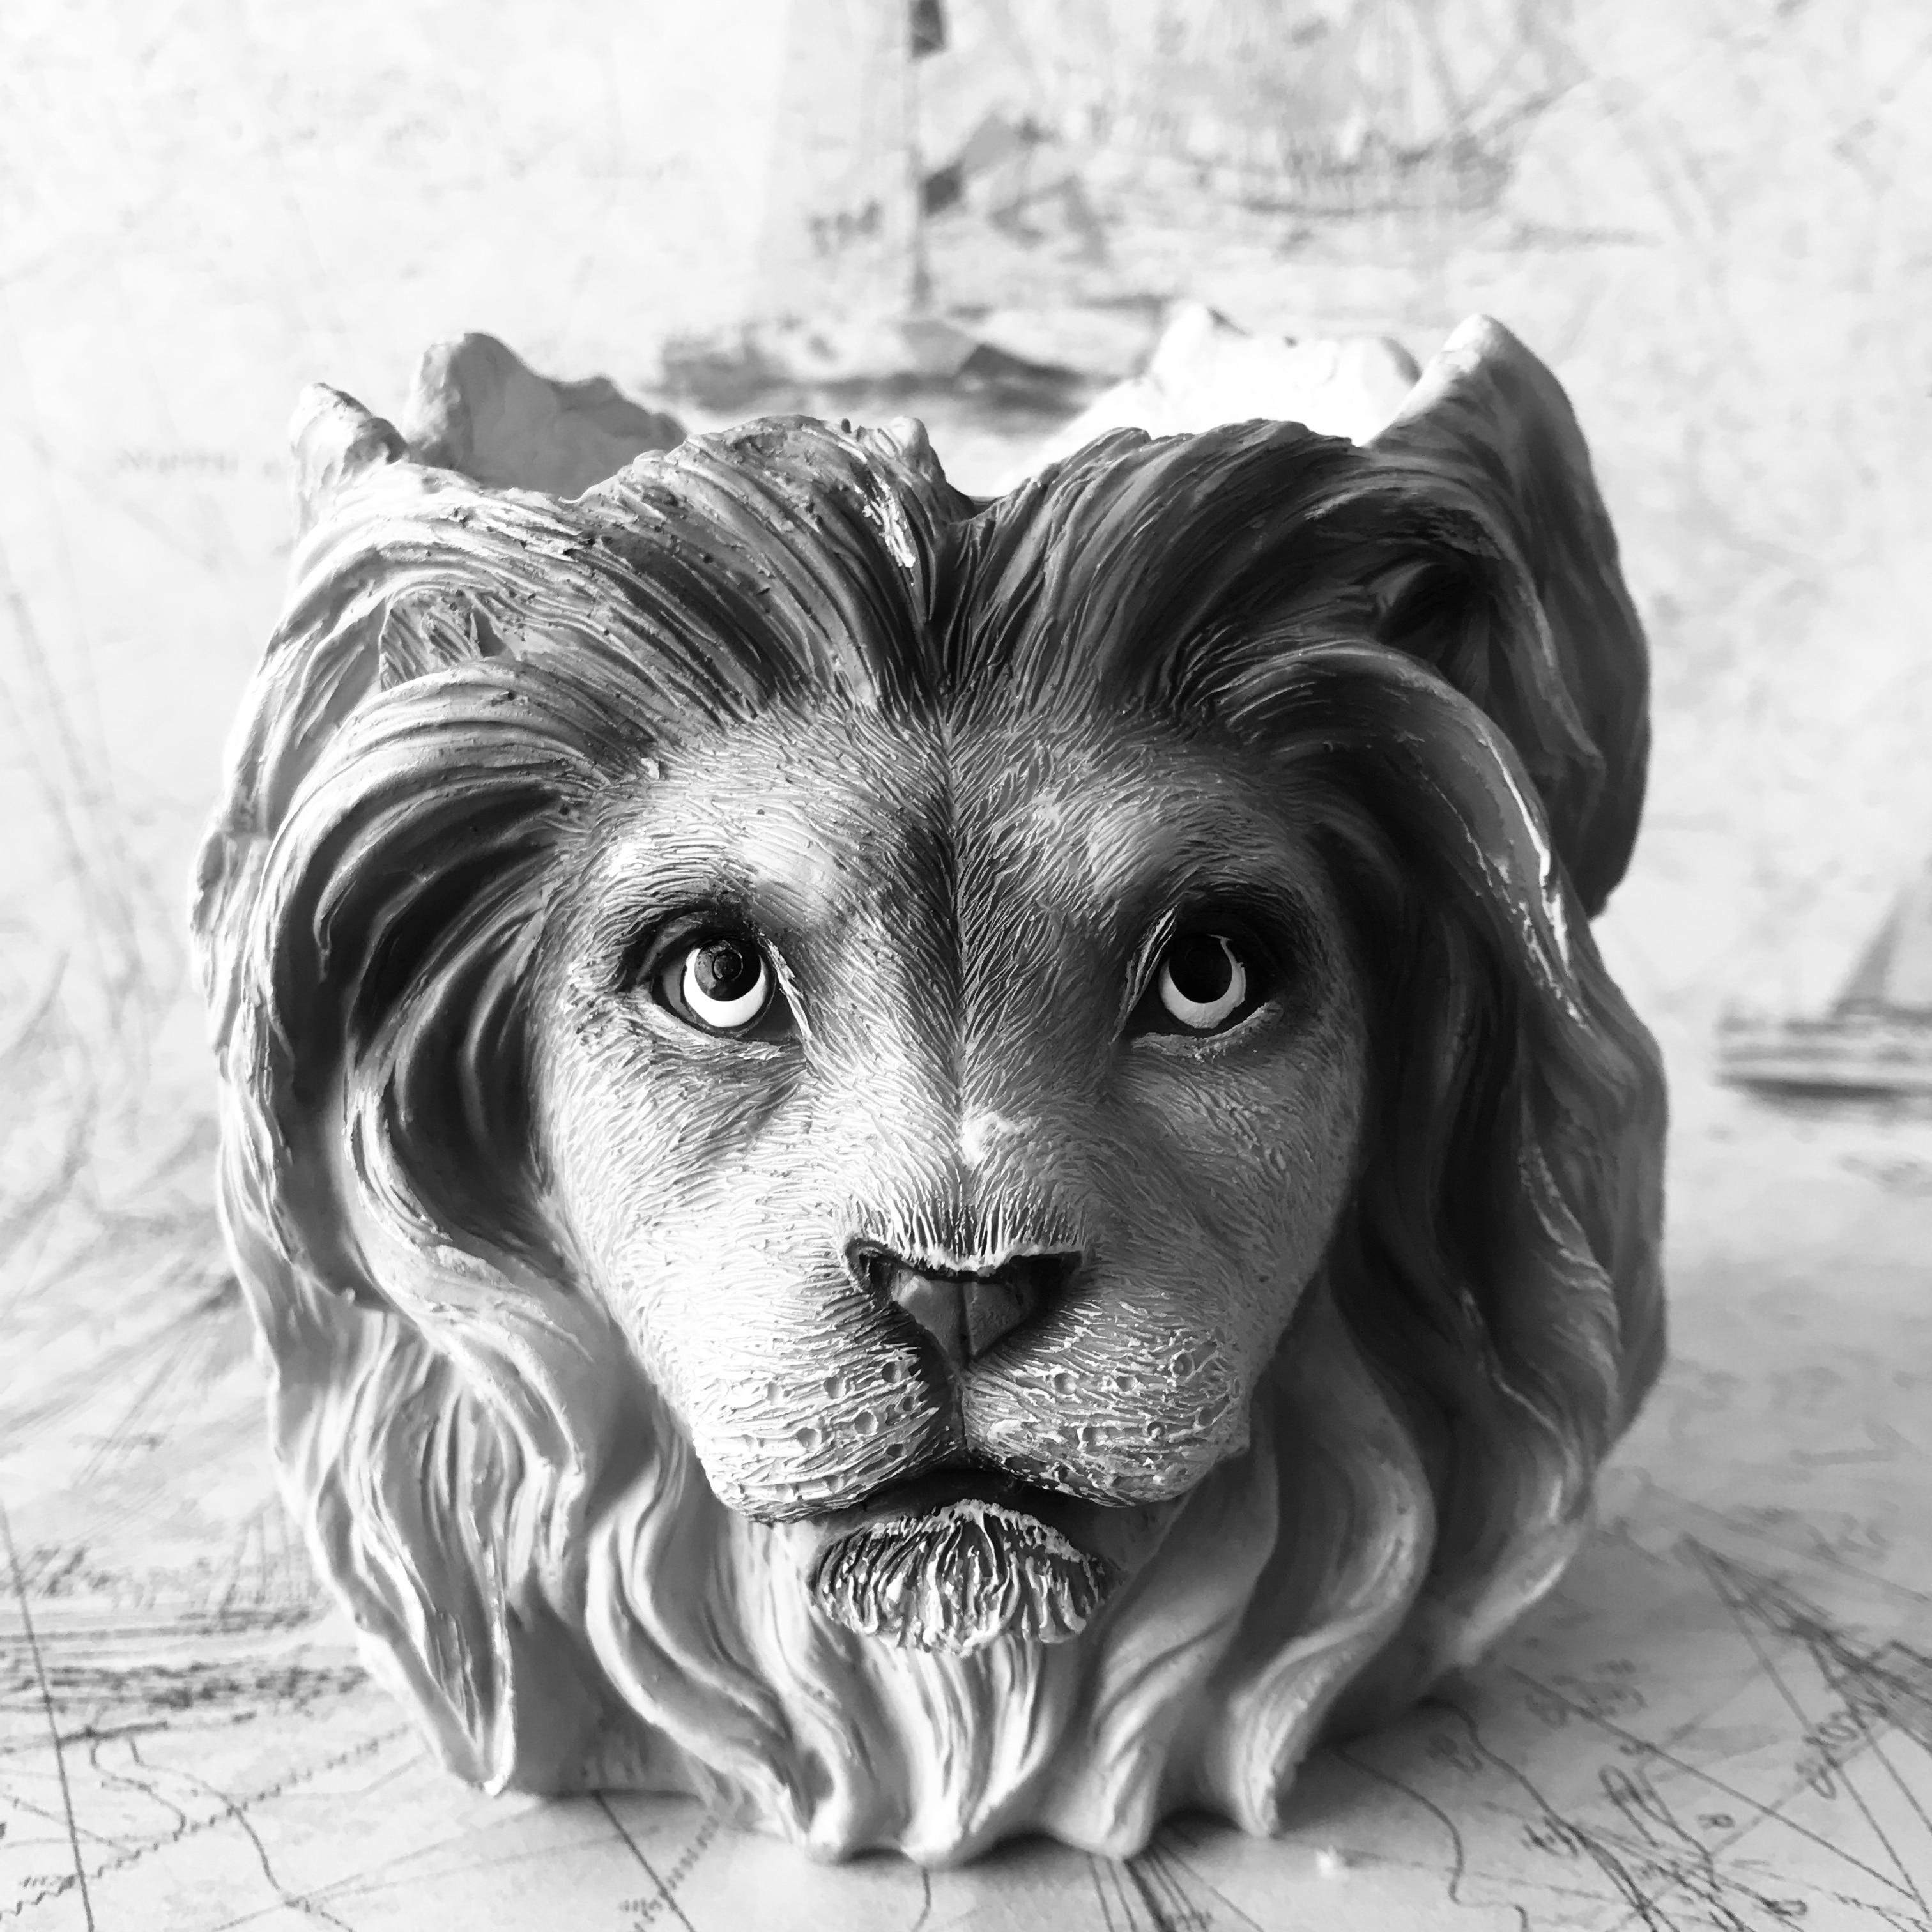 كبيرة 3D الحيوان الأسد سيليكون قوالب للخرسانة زهرة وعاء الغراس صنع DIY Expoy الراتنج الحرفية إناء الجص الطين العفن